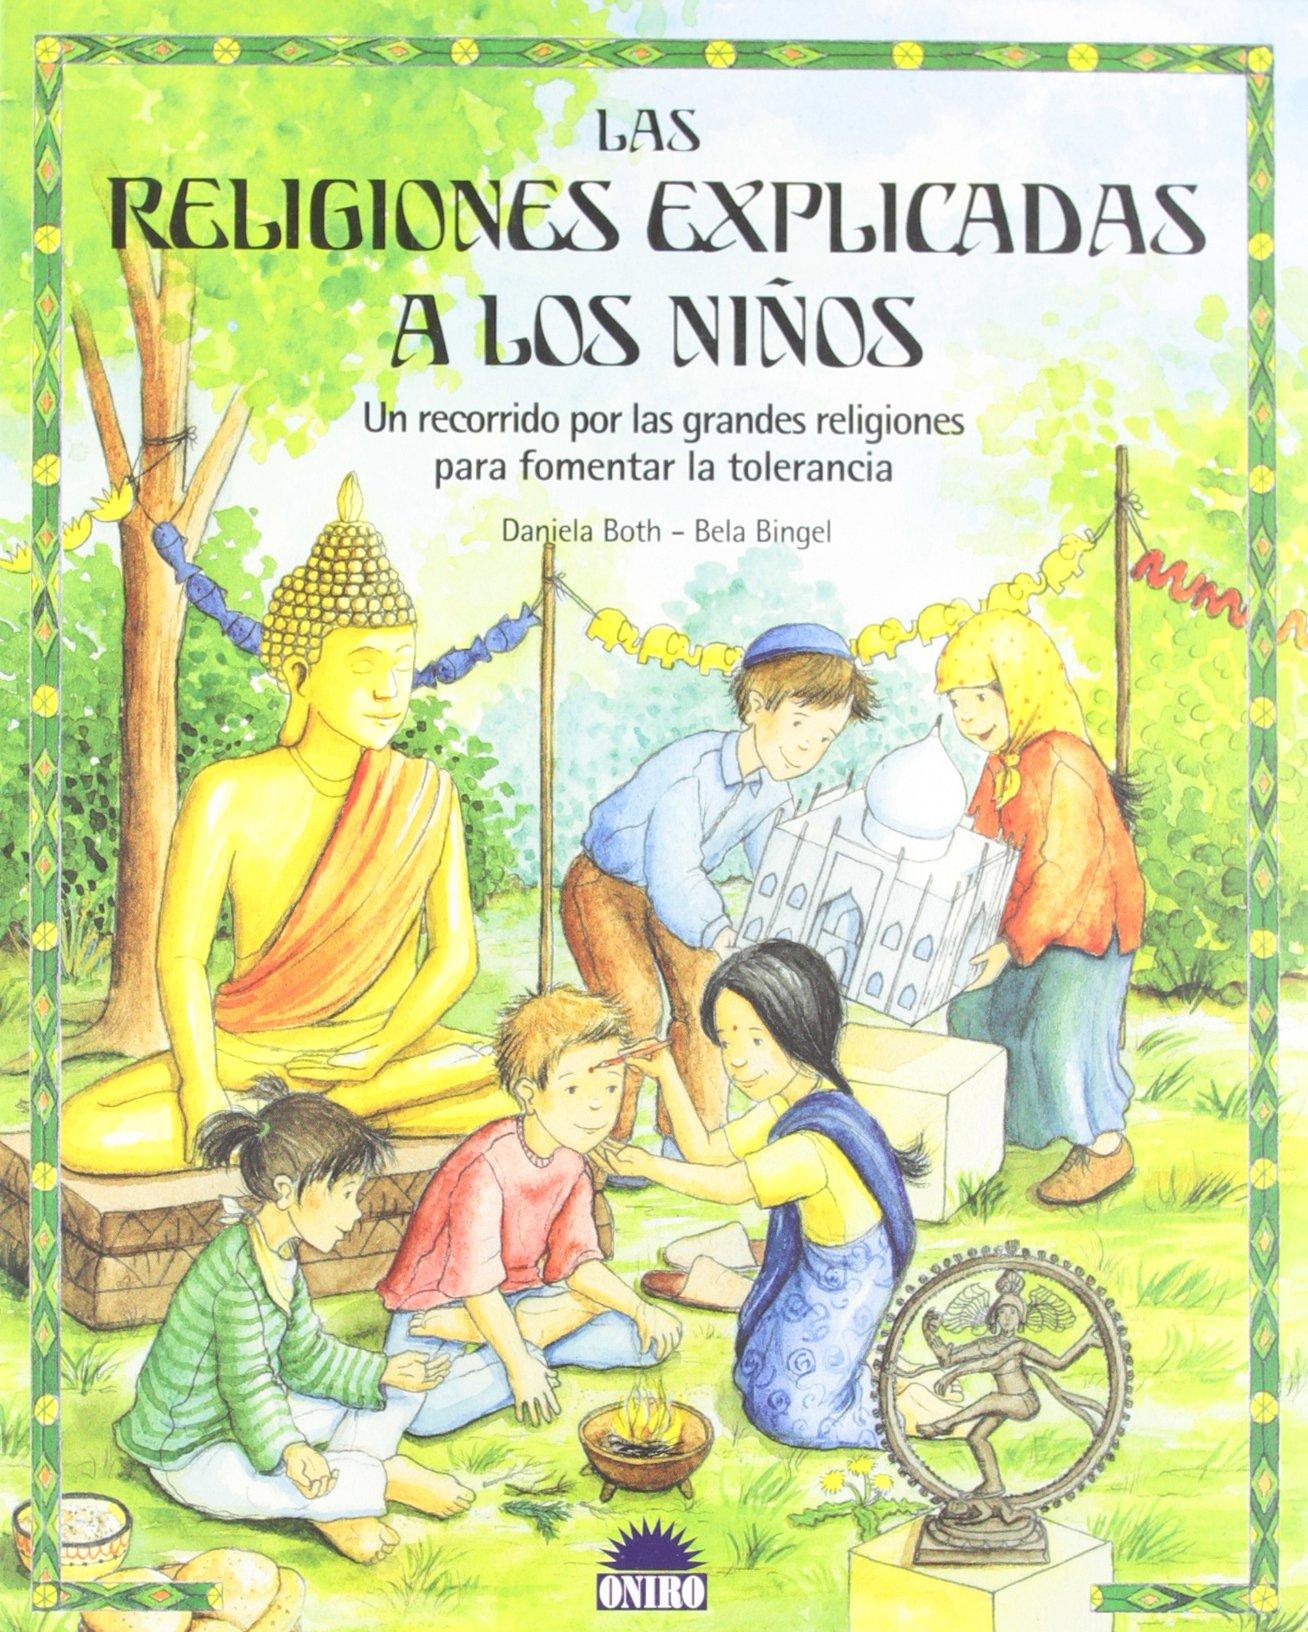 Las religiones explicadas a los niños: Un recorrido por las grandes religiones para fomentar la tolerancia ONIRO - CRECER JUGANDO: Amazon.es: Bingel, B., Both, Daniela: Libros